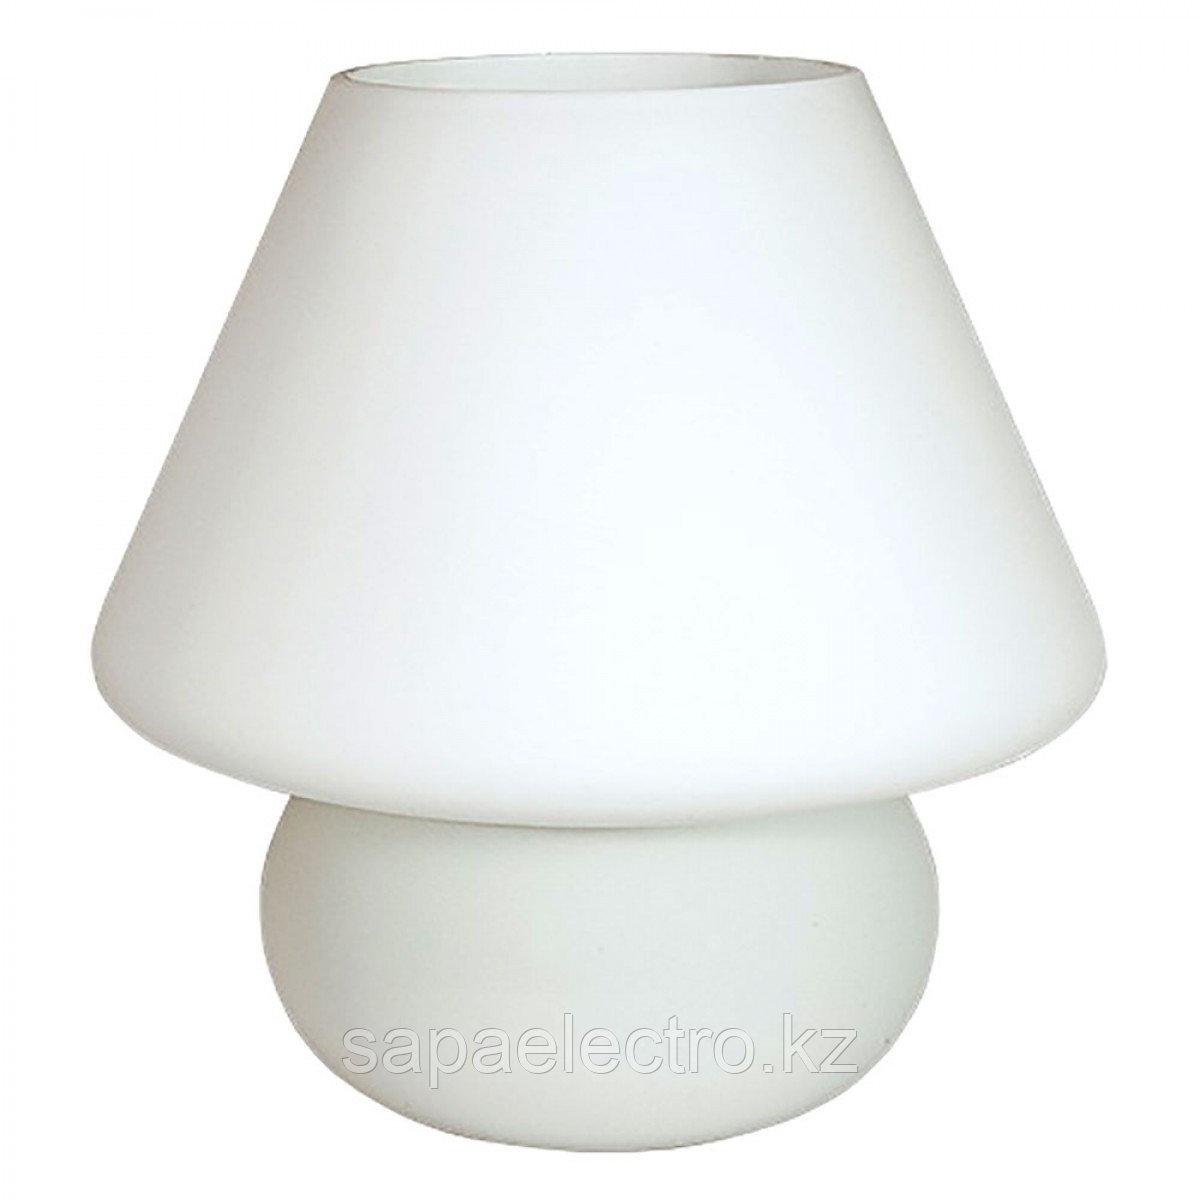 Настольн. свет-к 6206-2 E14 40W WHITE (AS- AV) 4шт